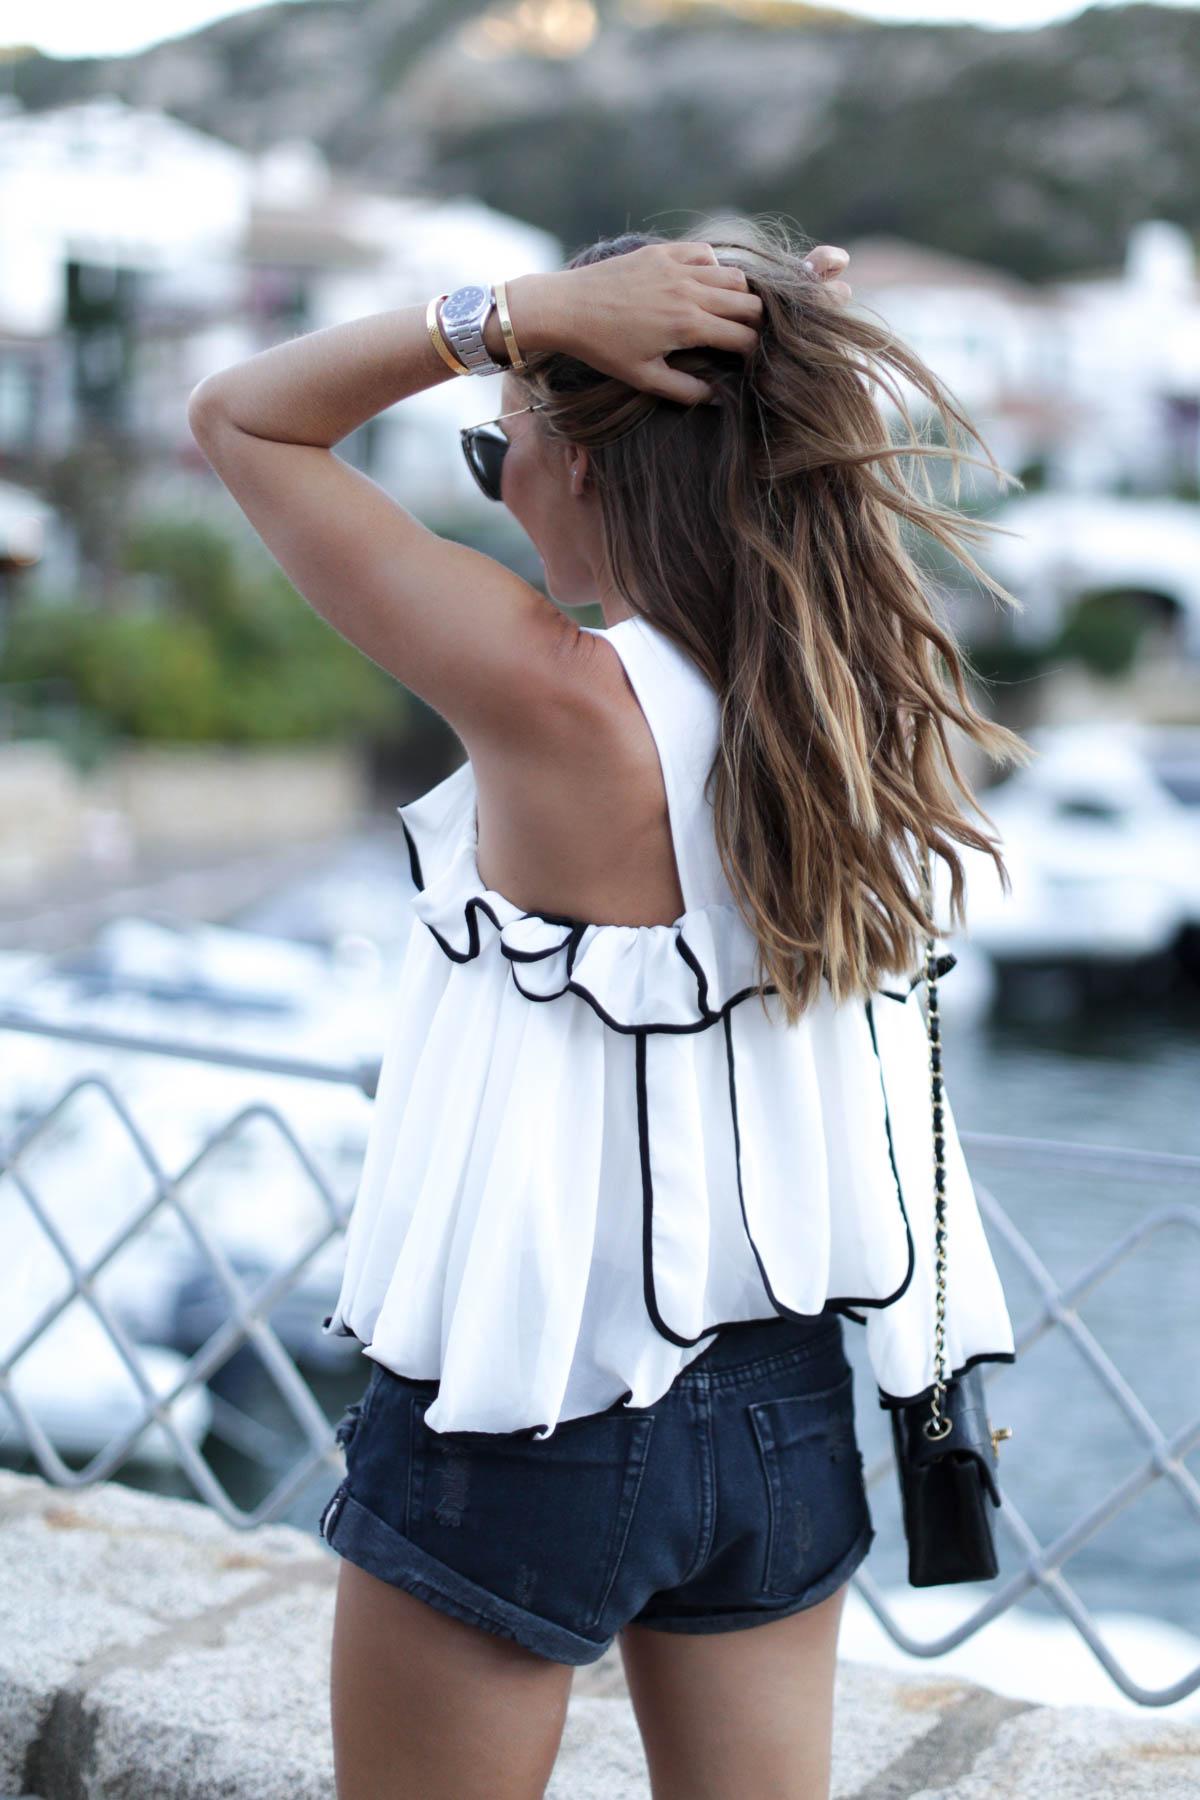 bartabac blob moda fashion chanel aquazzura sandals oneteaspoon bag bolso-39